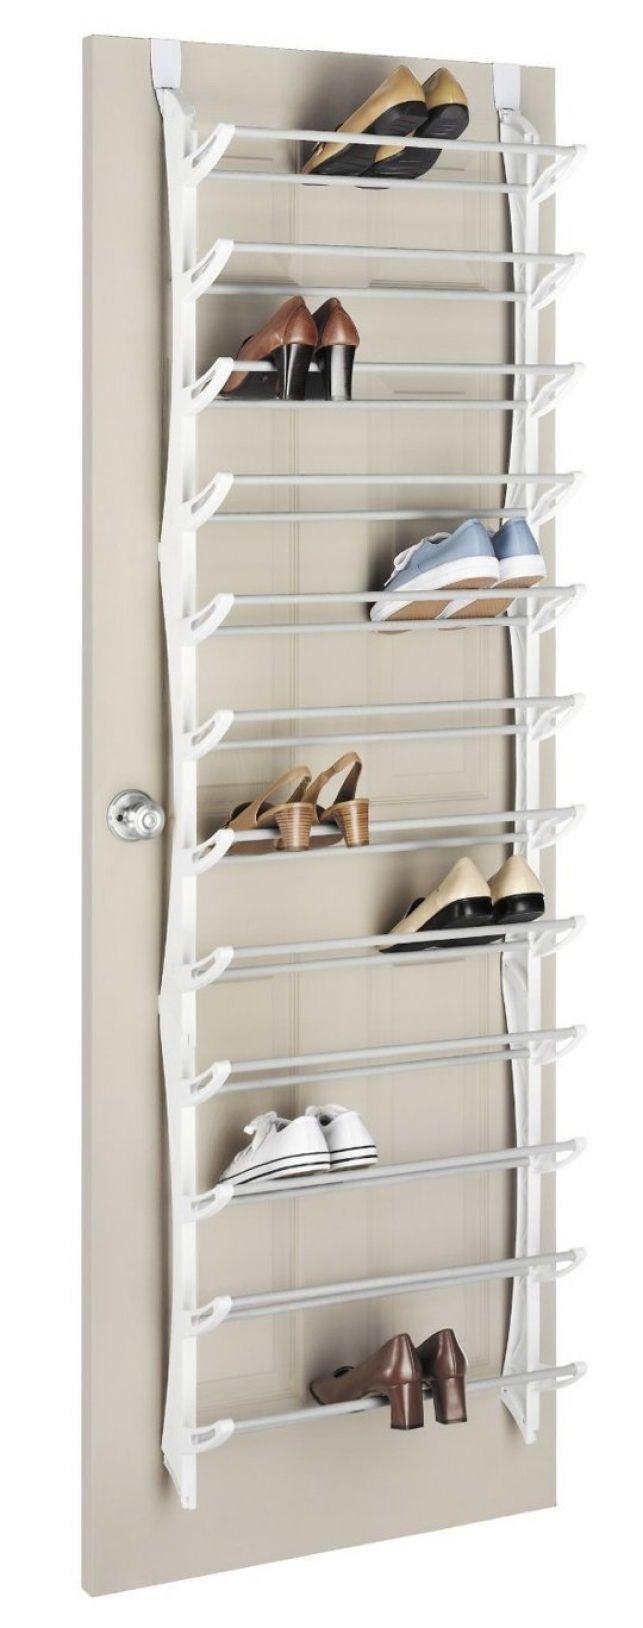 closet door shoe storage option 36 pair overthedoor shoe rack this rack would be ideal over the inside of a closet door so itu0027s hidden from